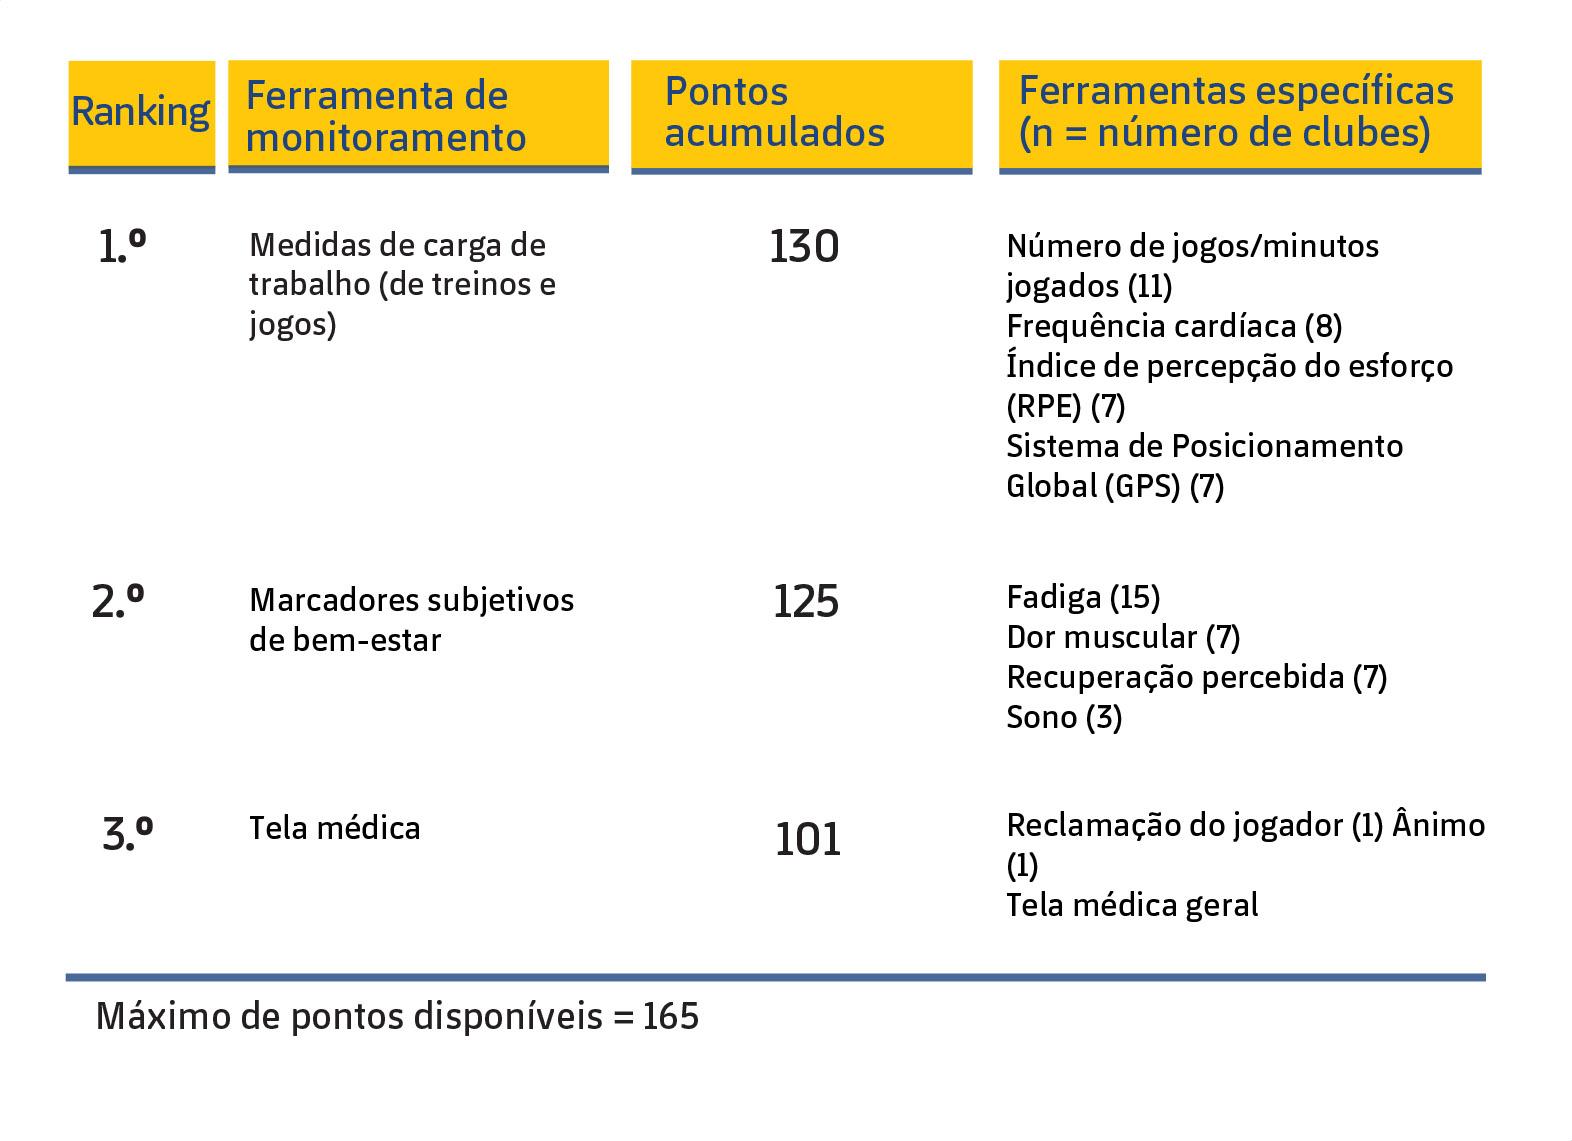 Figura 1: As três ferramentas de monitoramento mais utilizadas pelas equipes UEFA Elite Club para a avaliação do risco de lesão em seus jogadores (McCall et al., 2016).